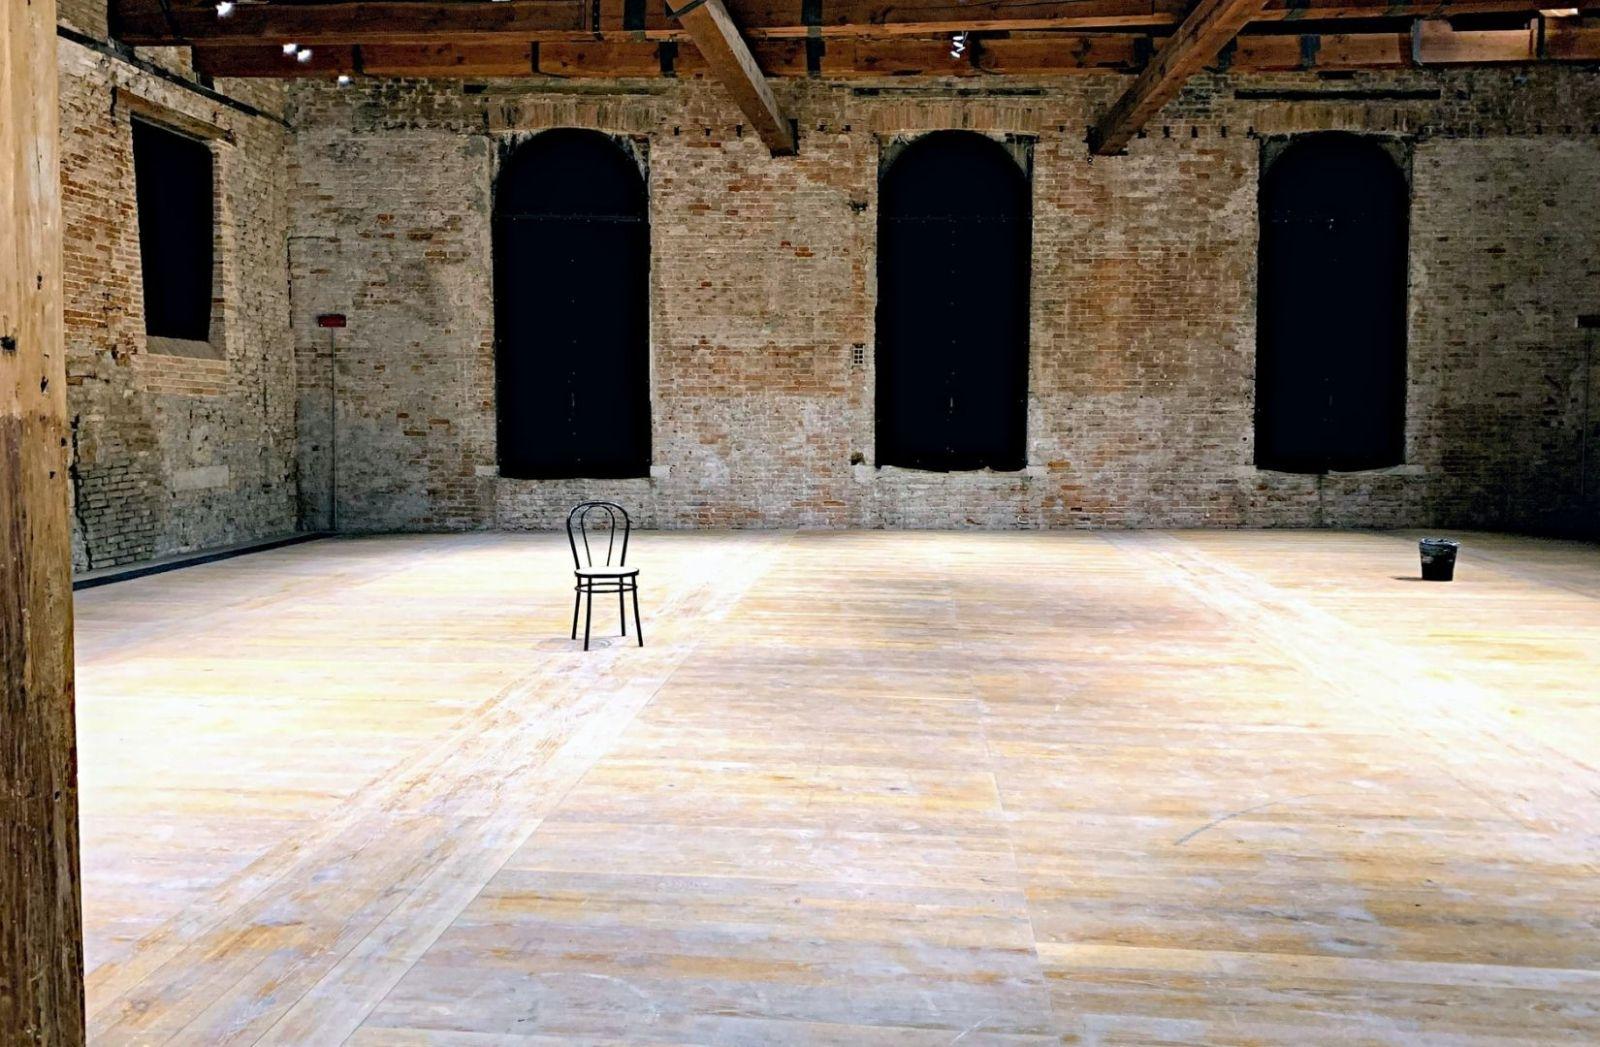 Vakuum auf der Bühne. (Foto: Serge Le Strat, Unsplash.com)